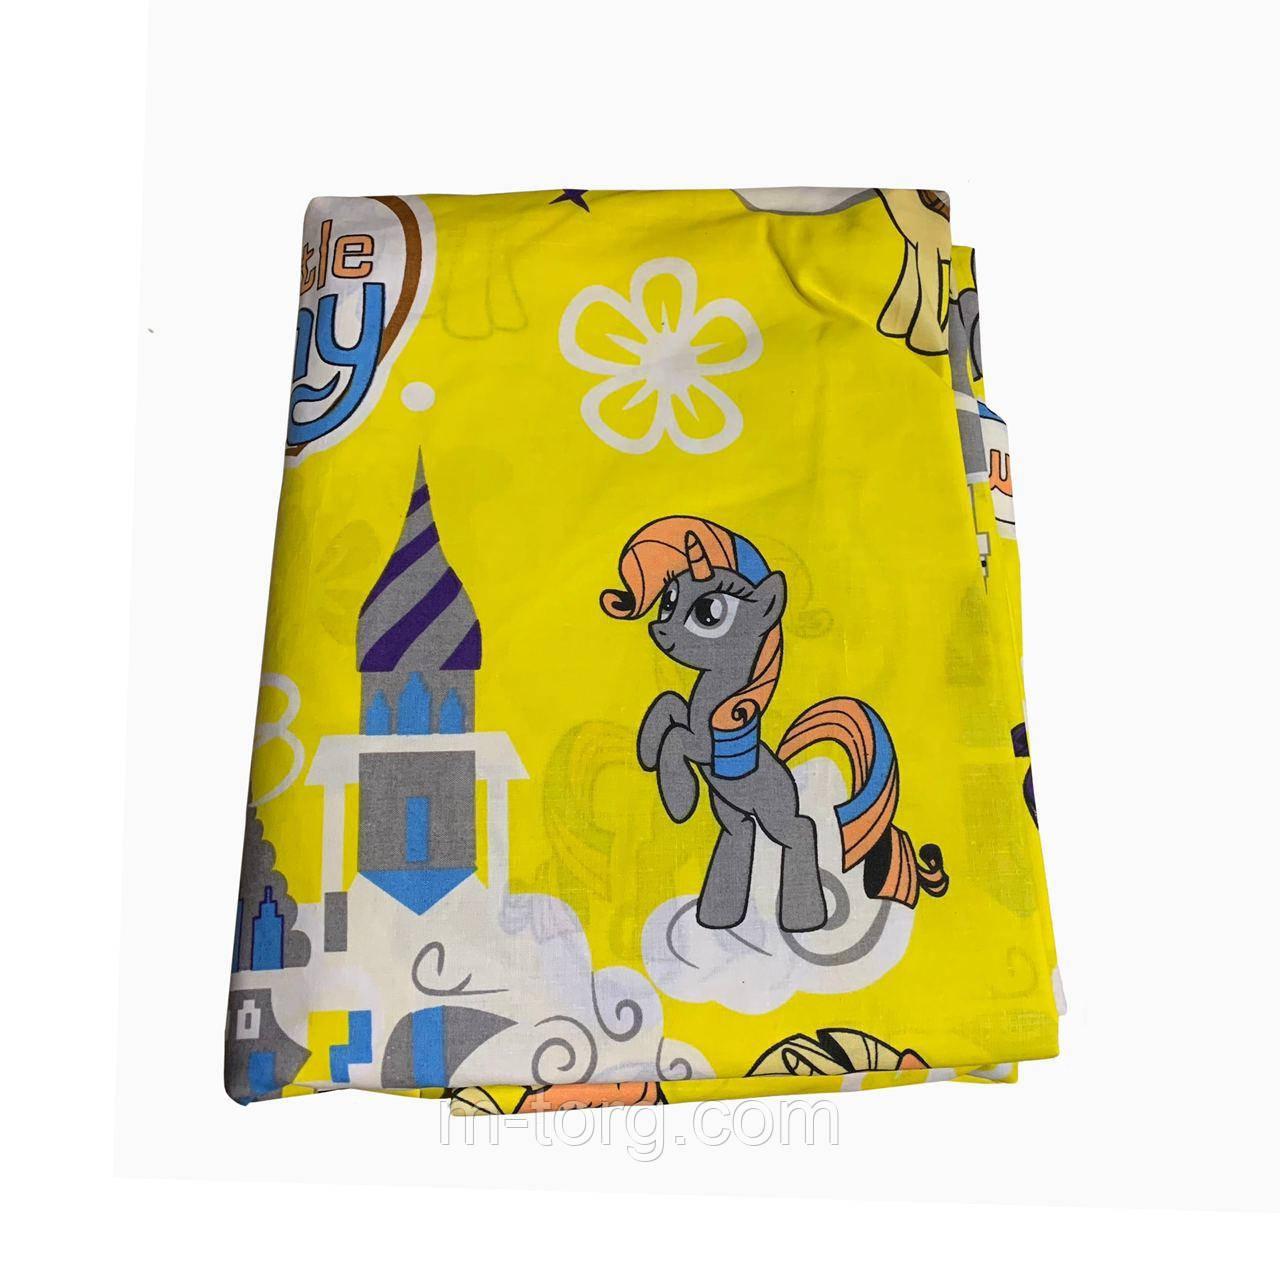 Комплект постельного белья полуторный 150/220 с детским рисунком,одна нав-ка 70/70,ткань бязь 100% хлопок